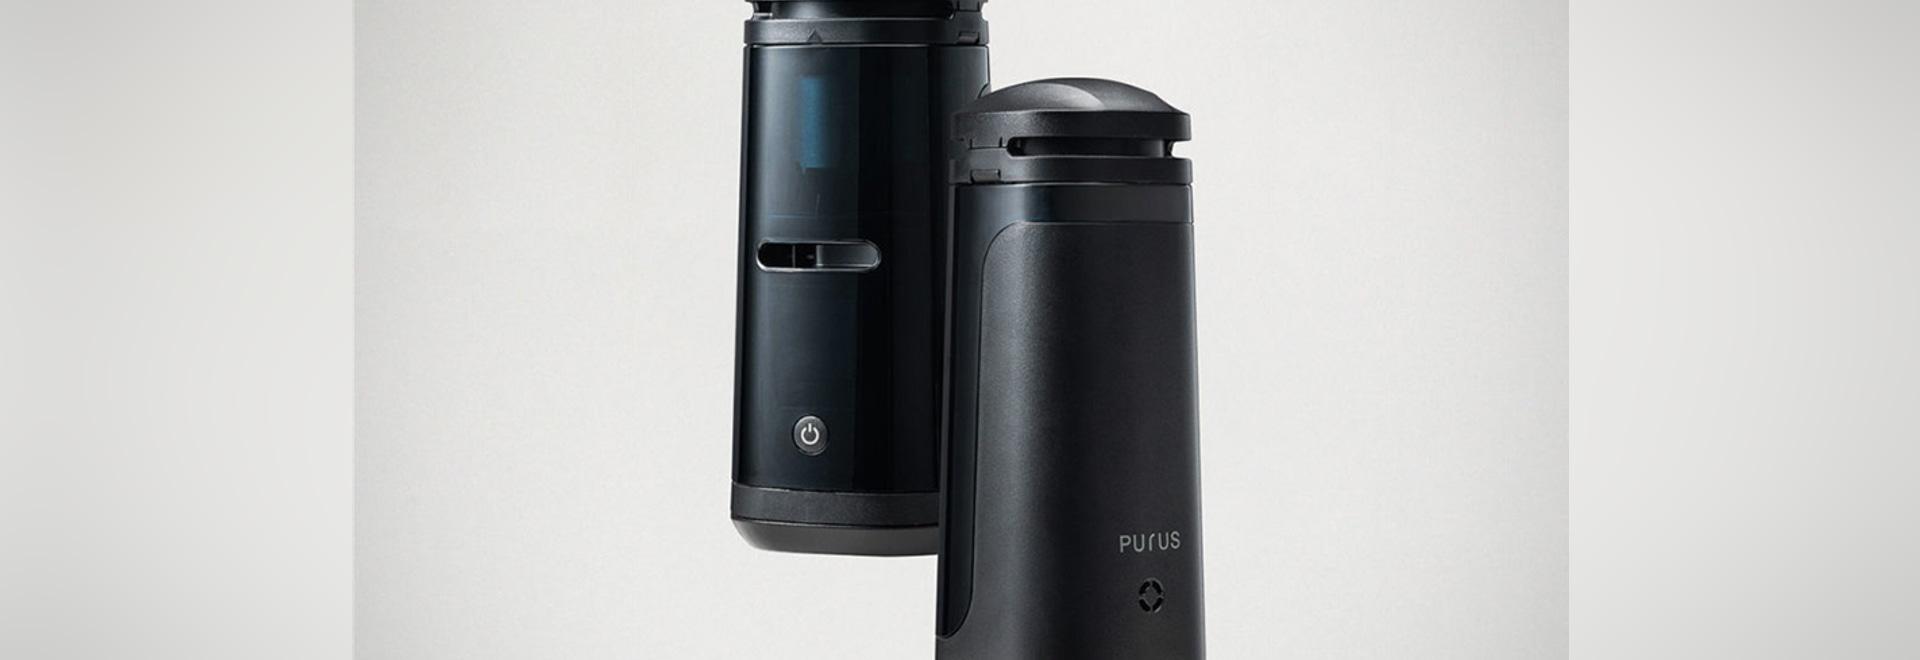 Purus Air i Plus reinigt Luft überall